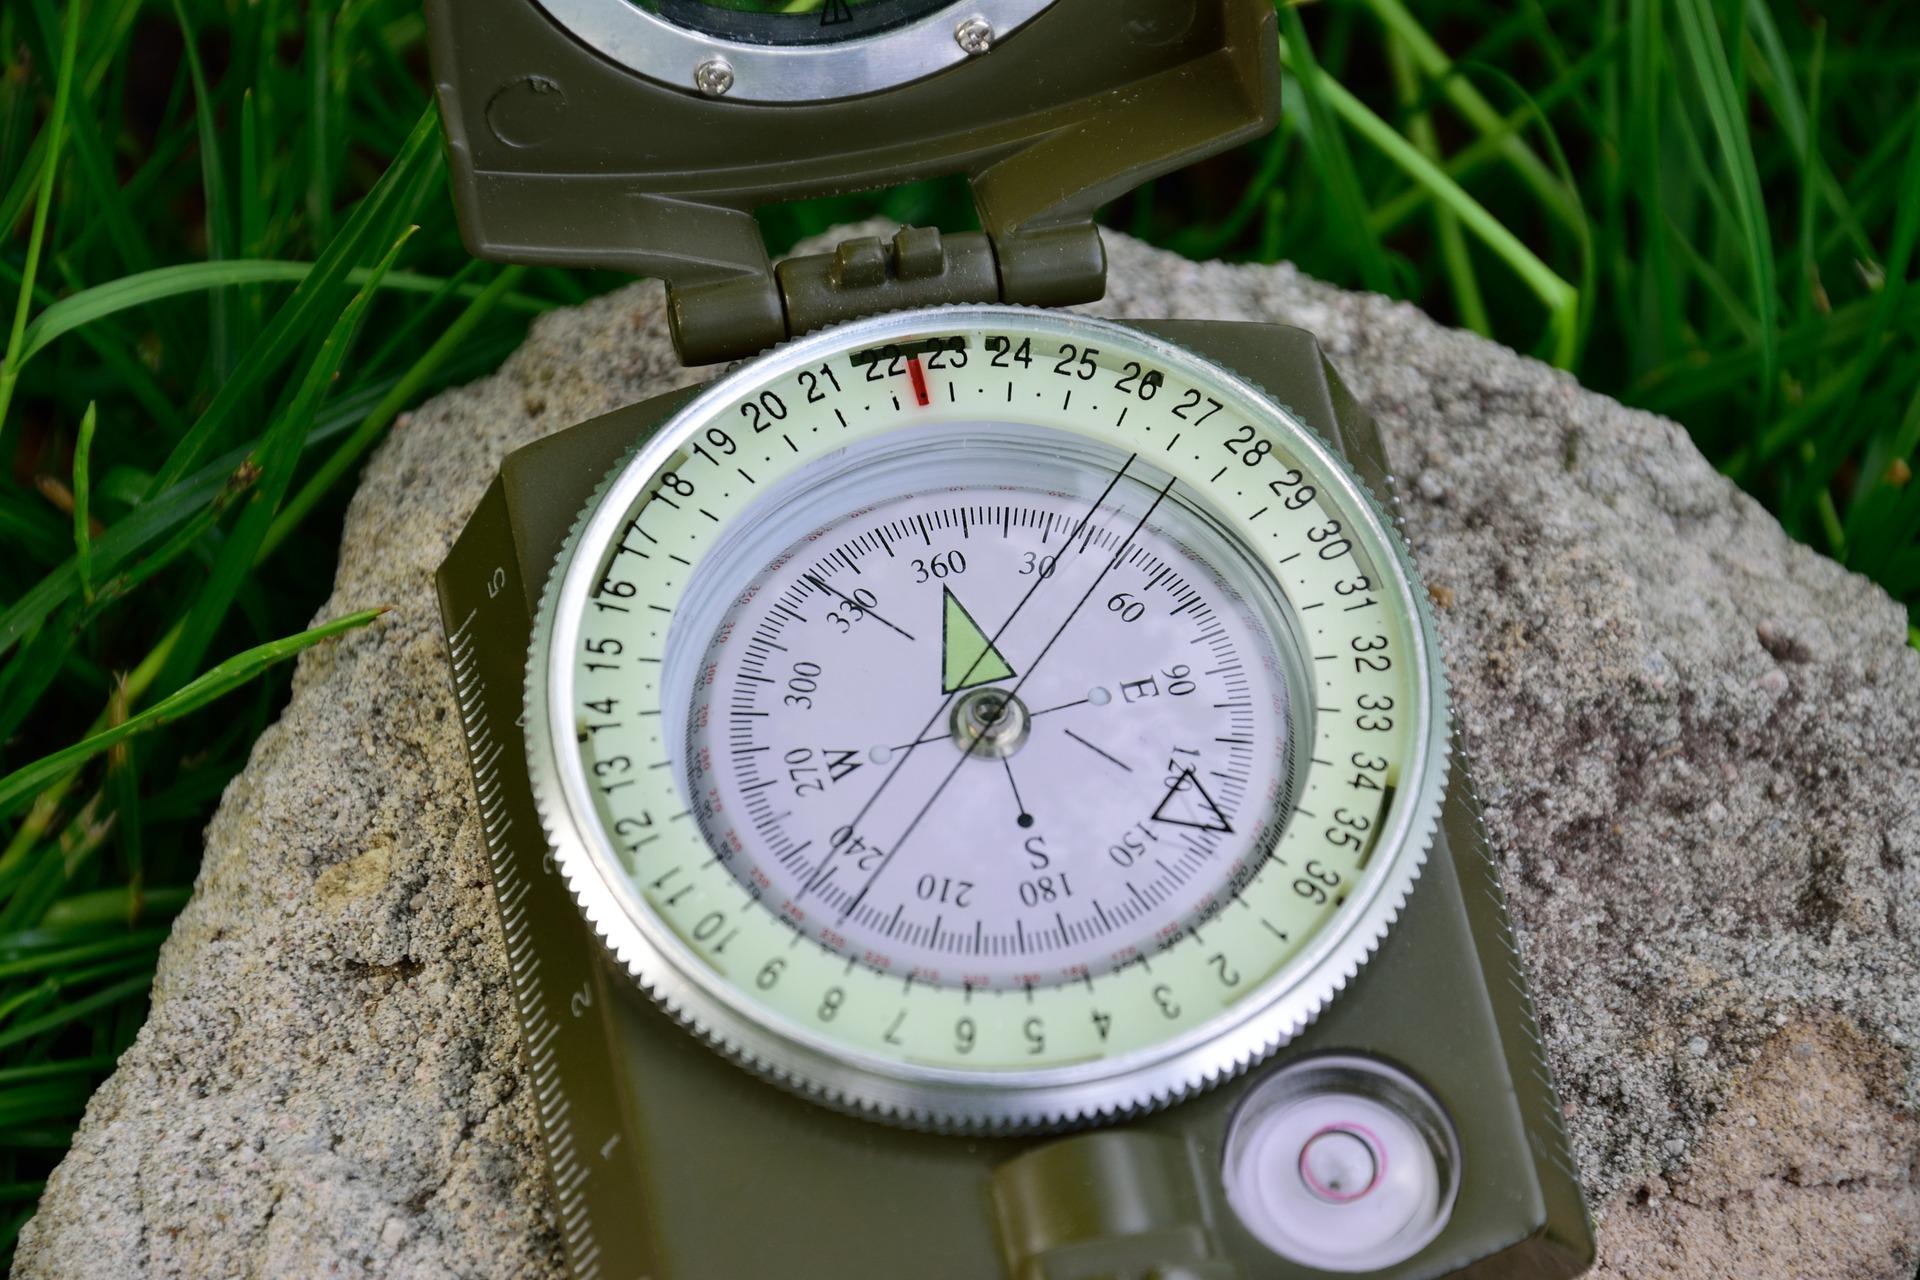 Nauka nawigacji jest jedną z najważniejszych umiejętności z zakresu survivalu i bushcraftu